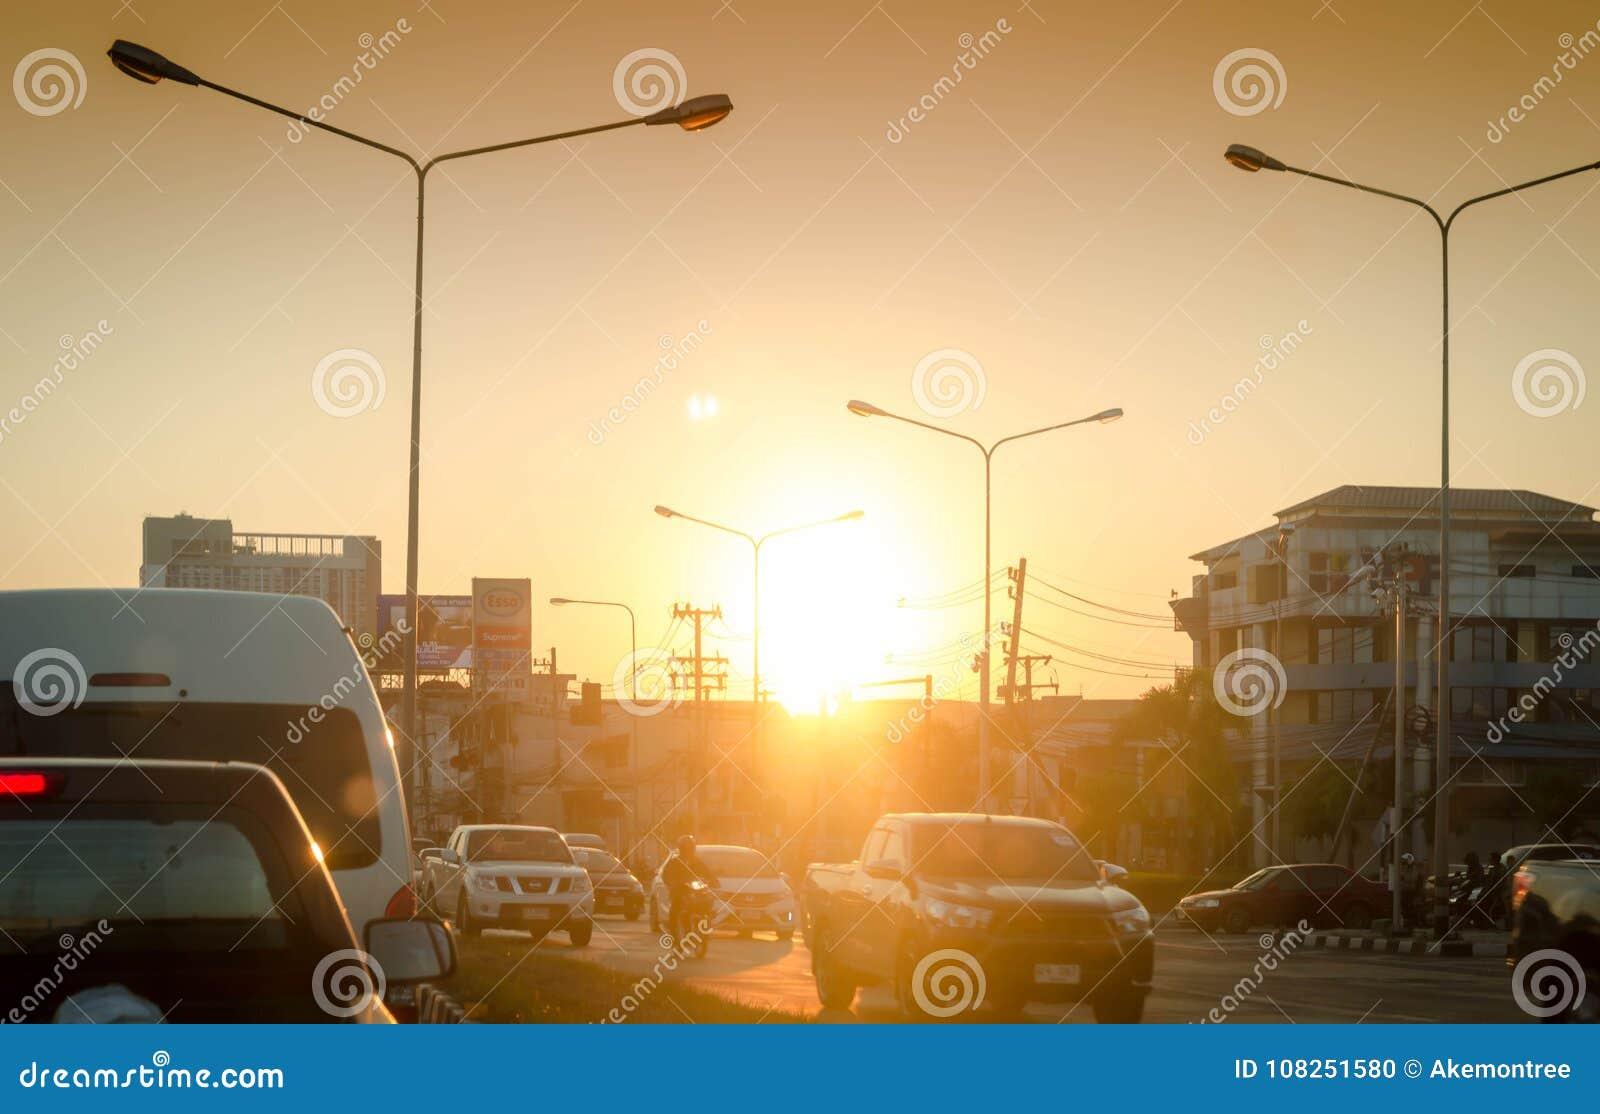 汽车在交通黏附了在城市在暮色晚上, 2018年1月22日的chiangmai泰国